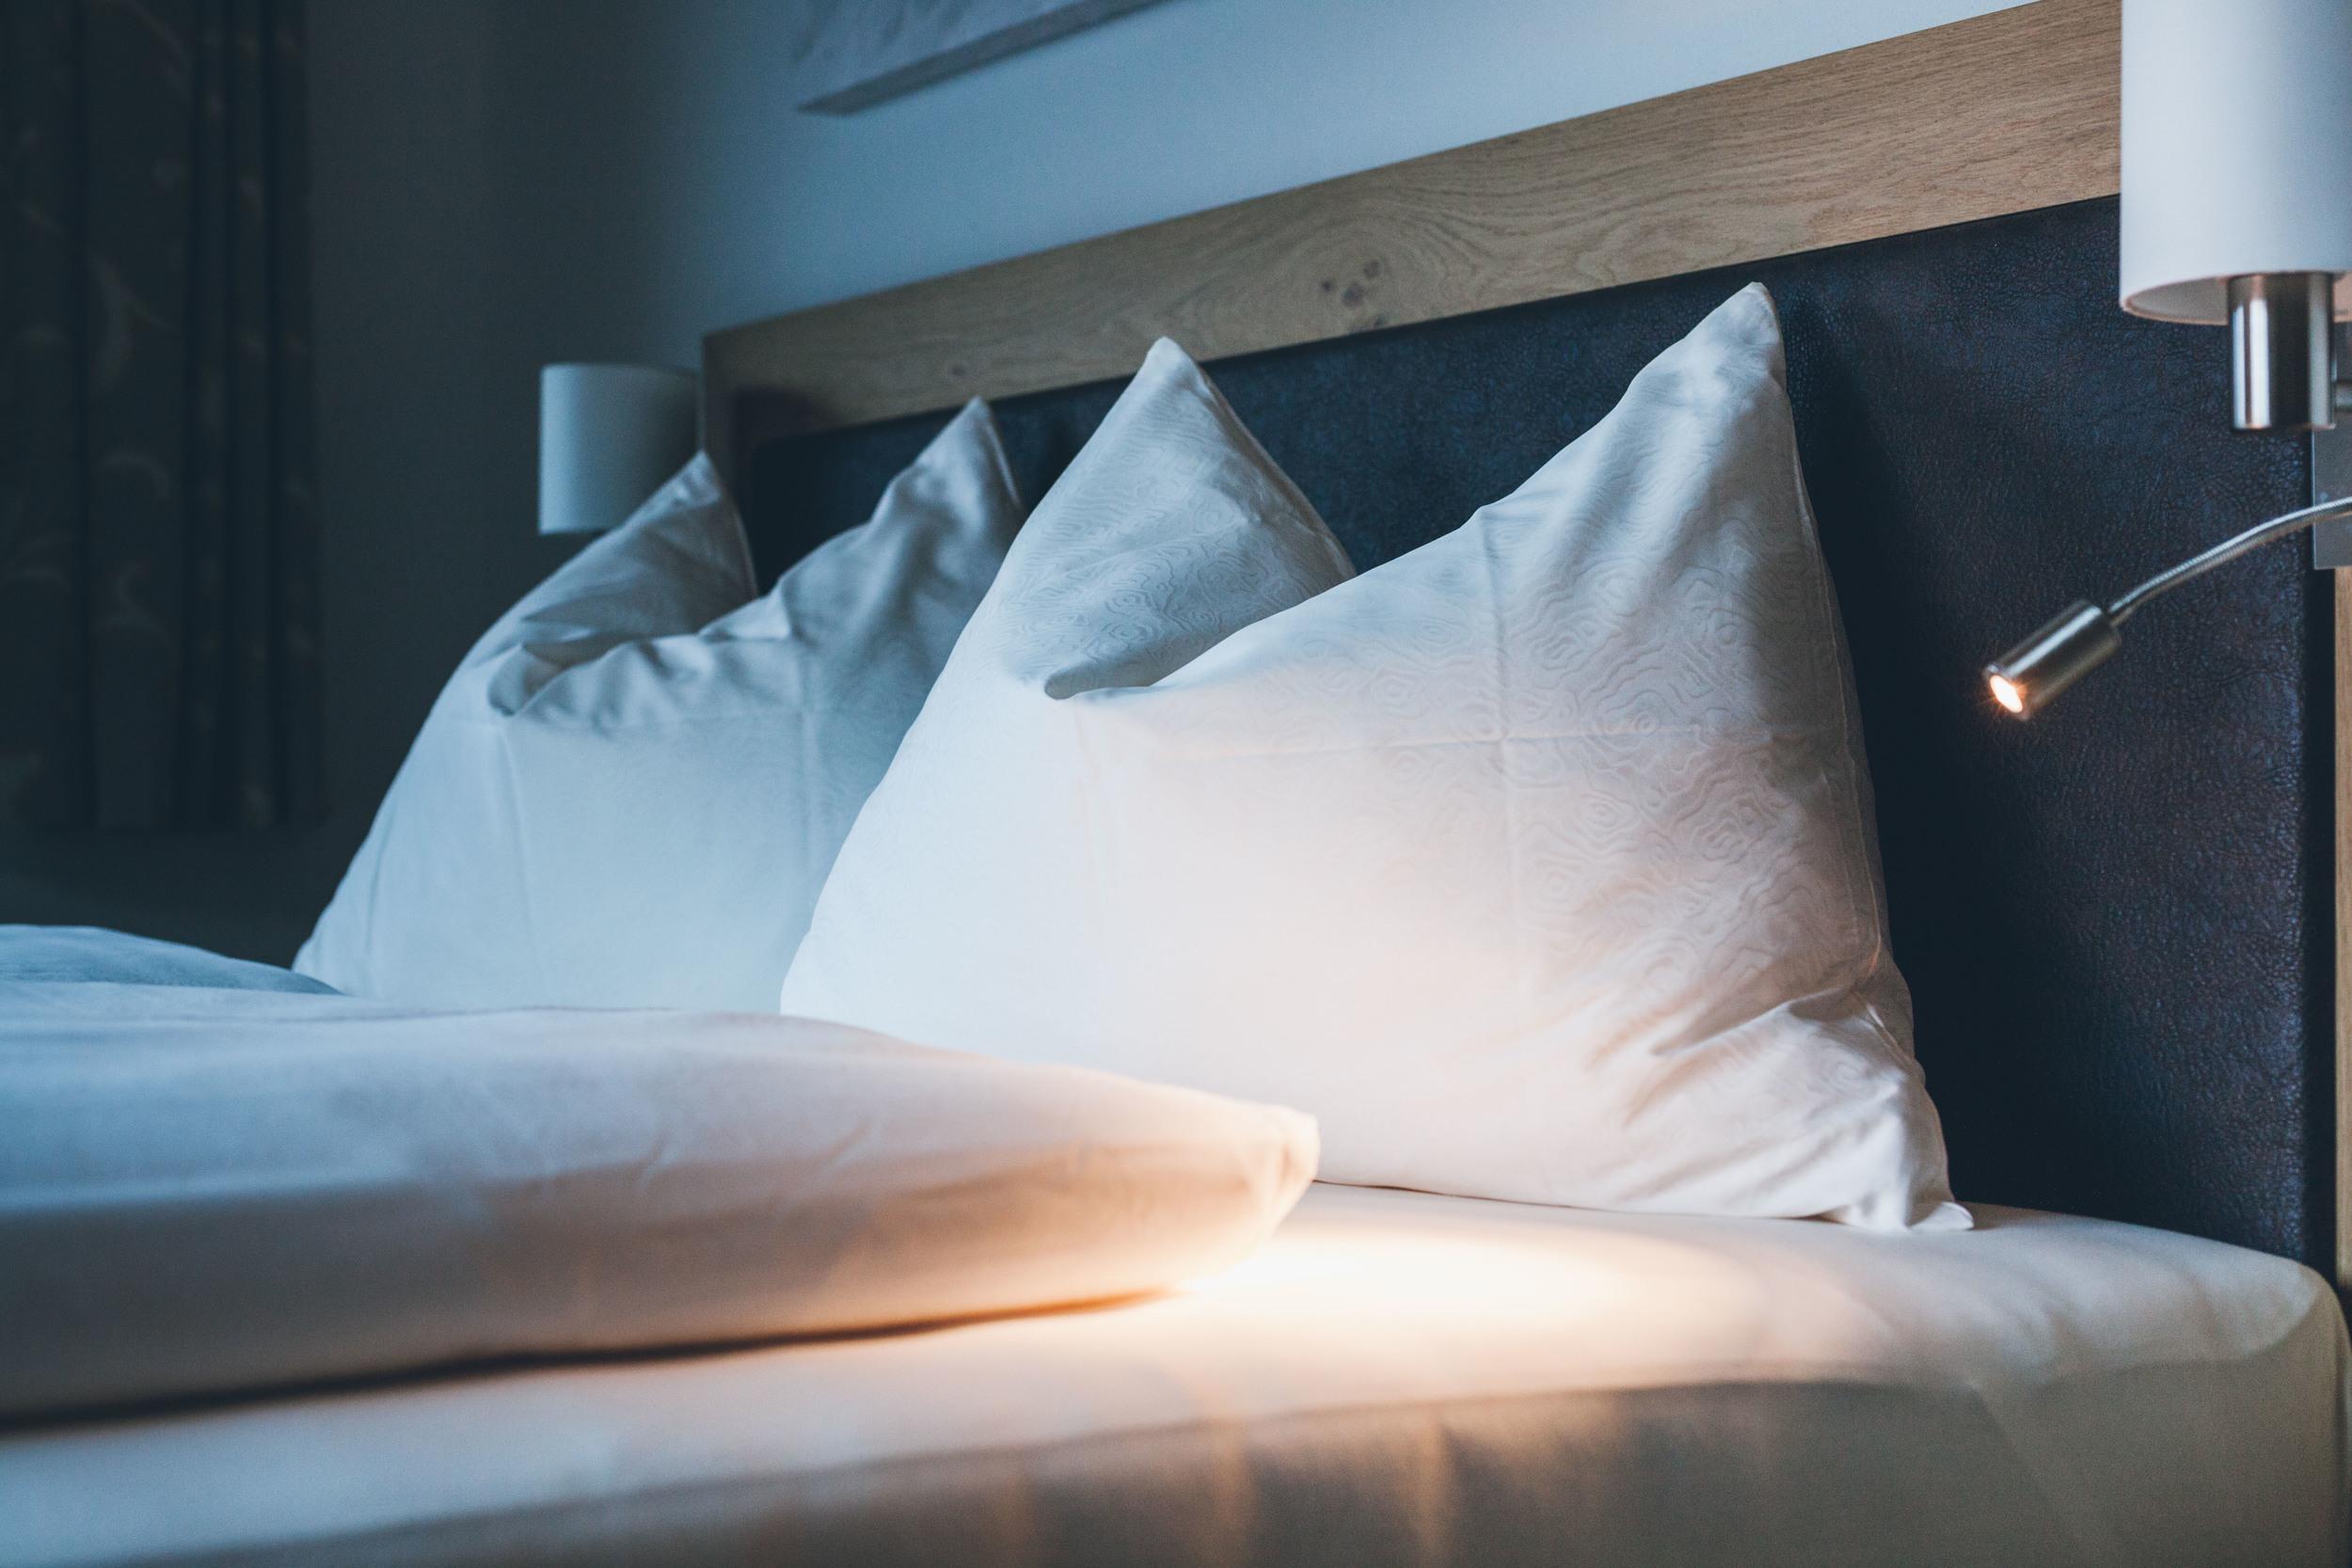 appartement-suites-liana-sophie-neukirchen-haus-innen-schlafzimmer-polster